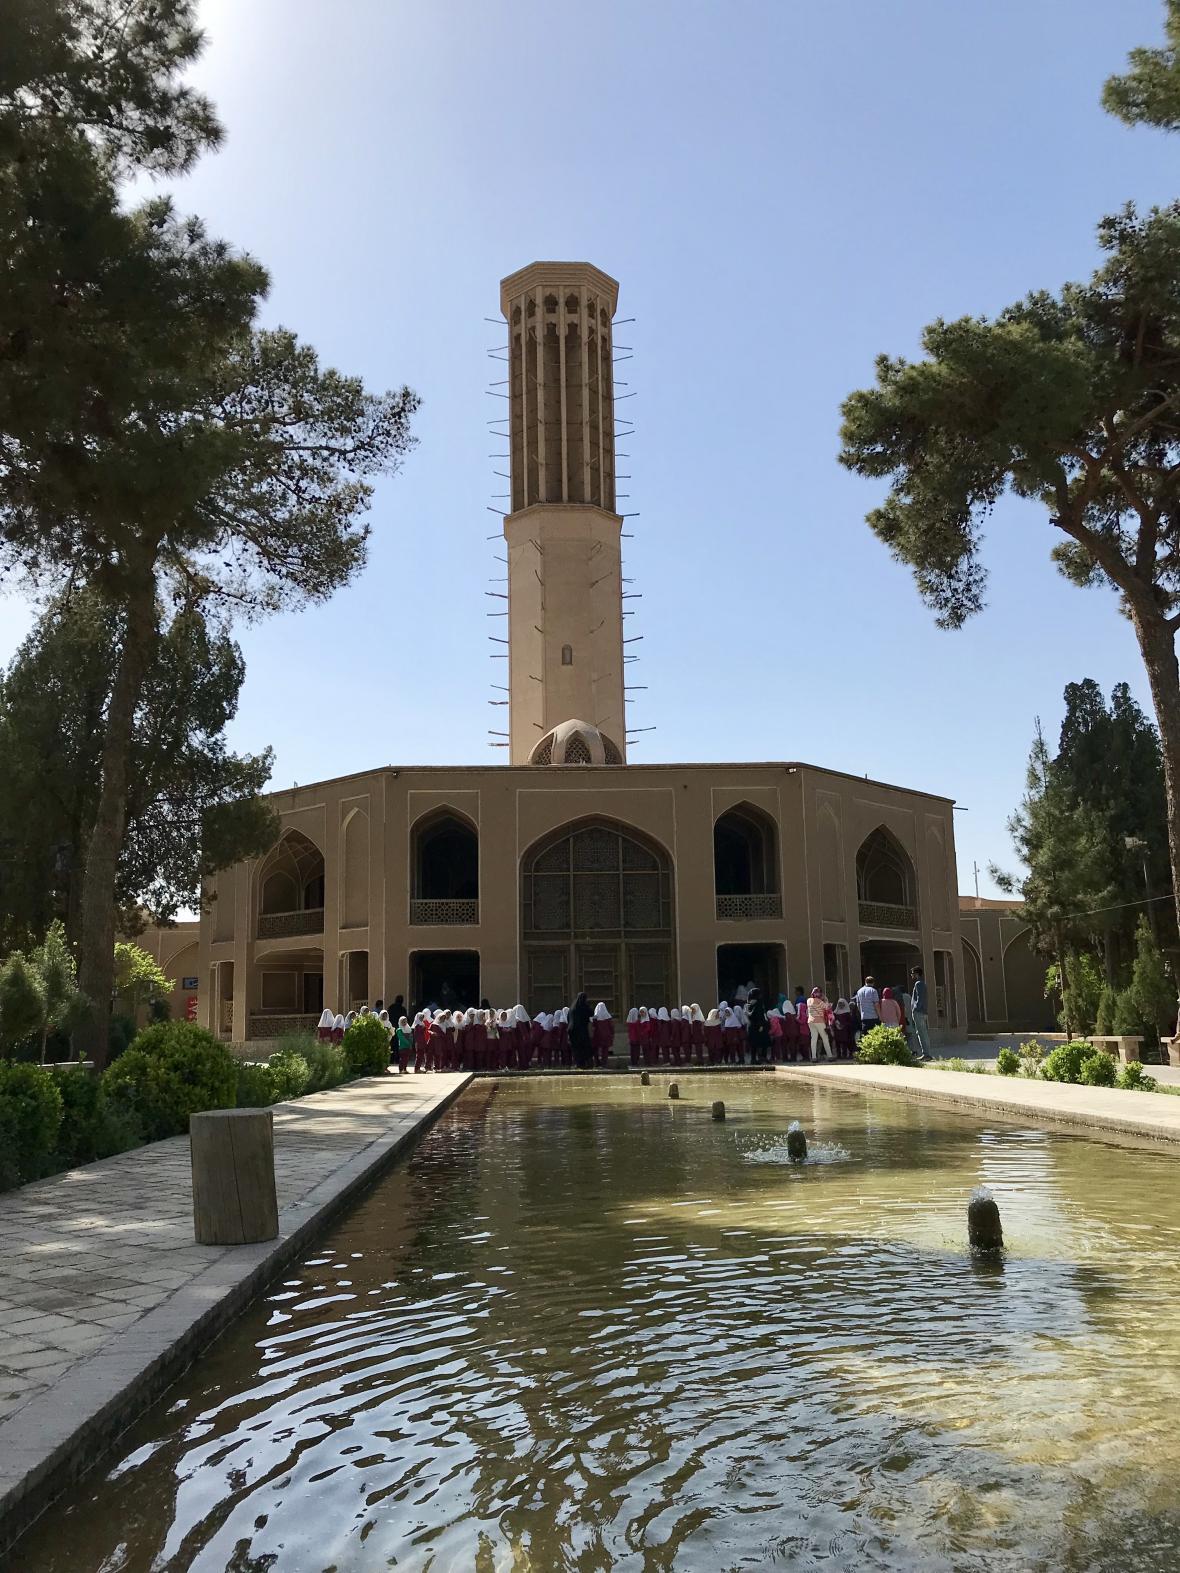 Klimatizační věž v zahradě Dolat-Abad